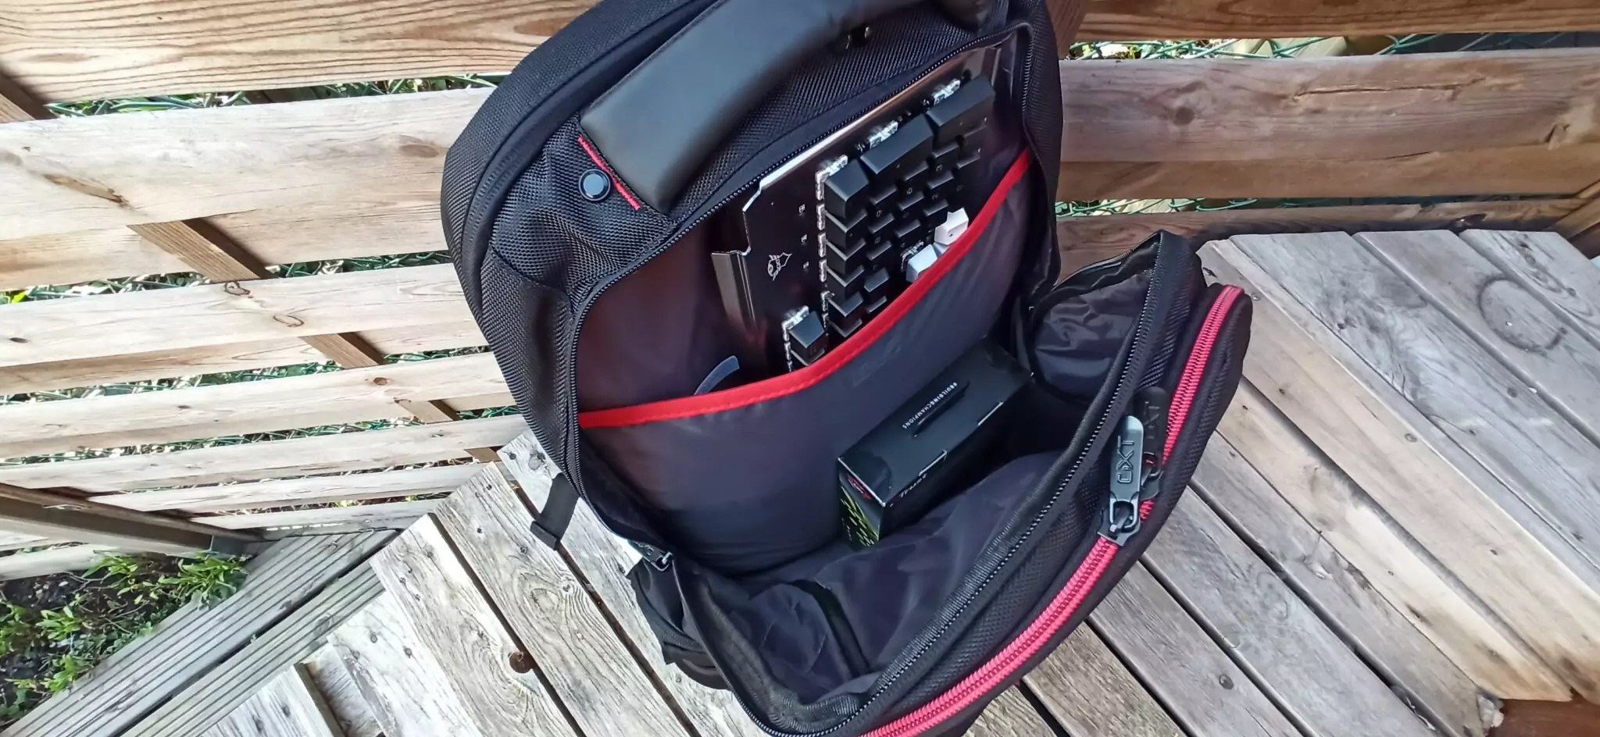 trust GXT 1250 emplacement accessoires et souris clavier